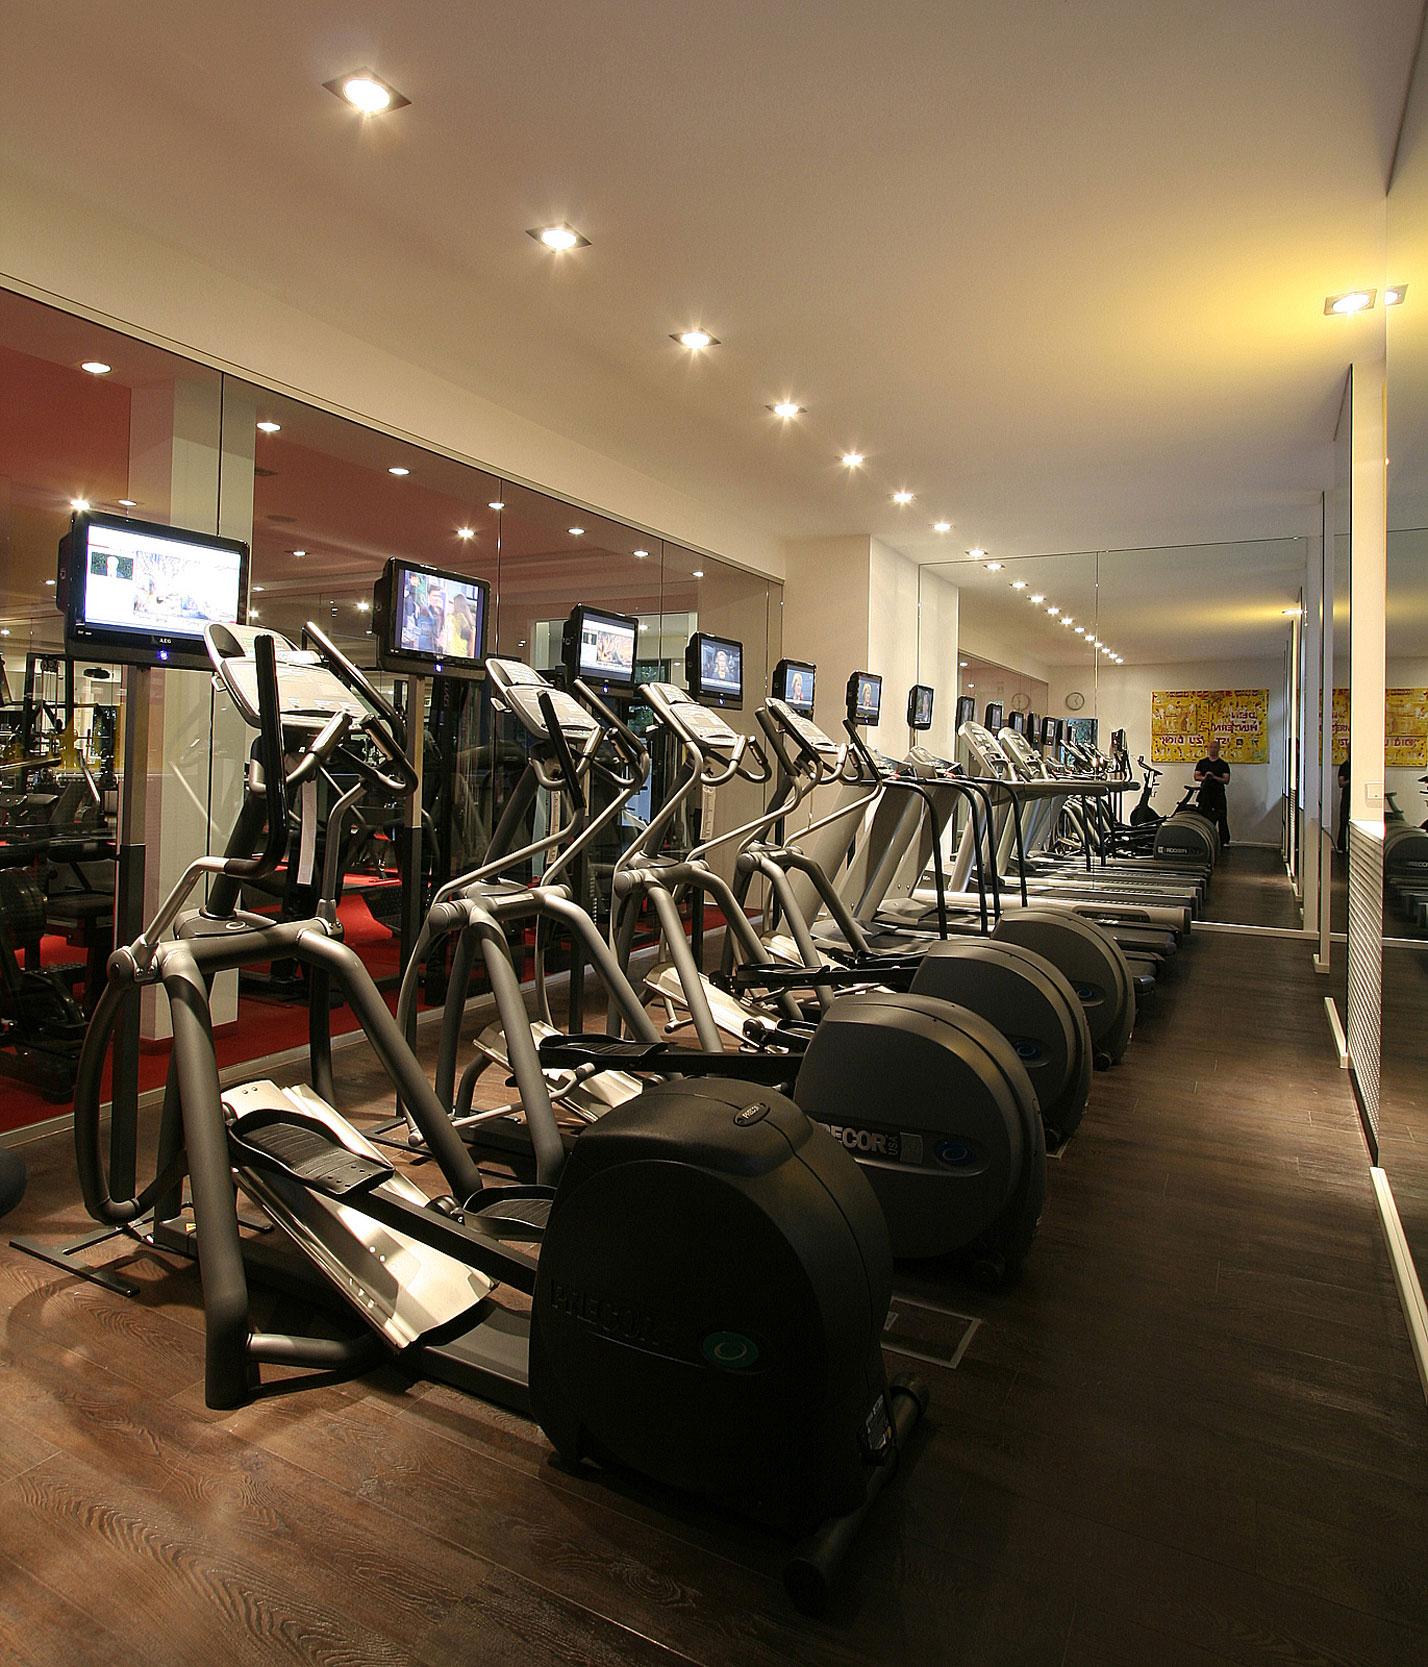 Das Workout im Cardiobereich findet auf einem großformatigen Dielenparkett statt.